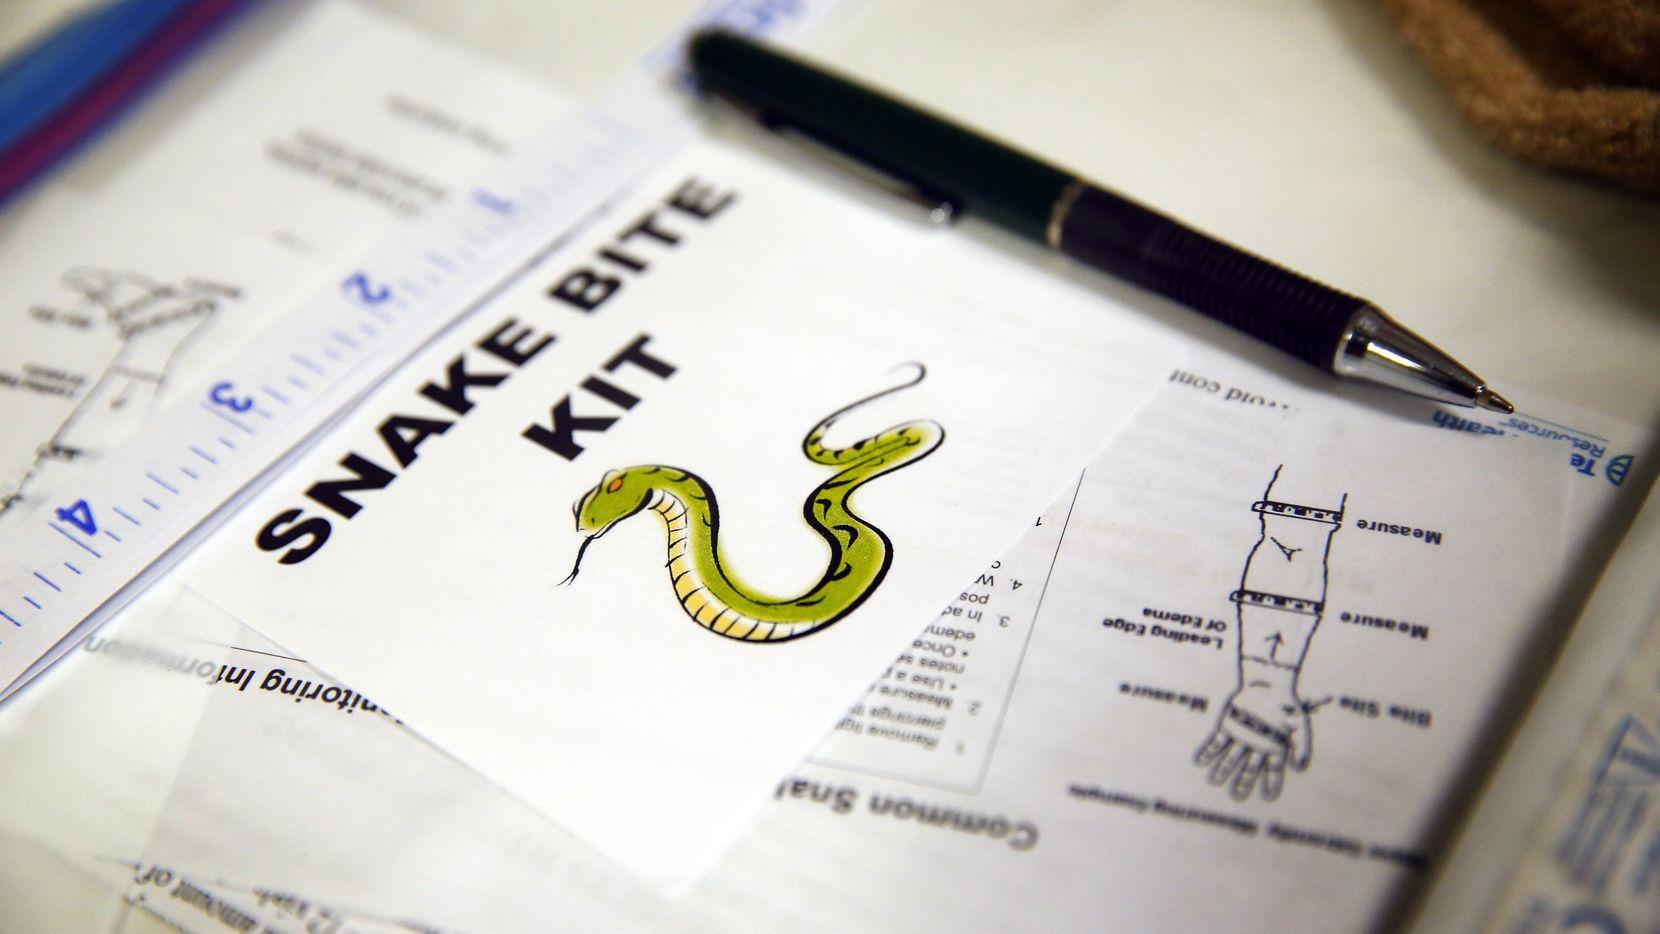 A Snake Kit